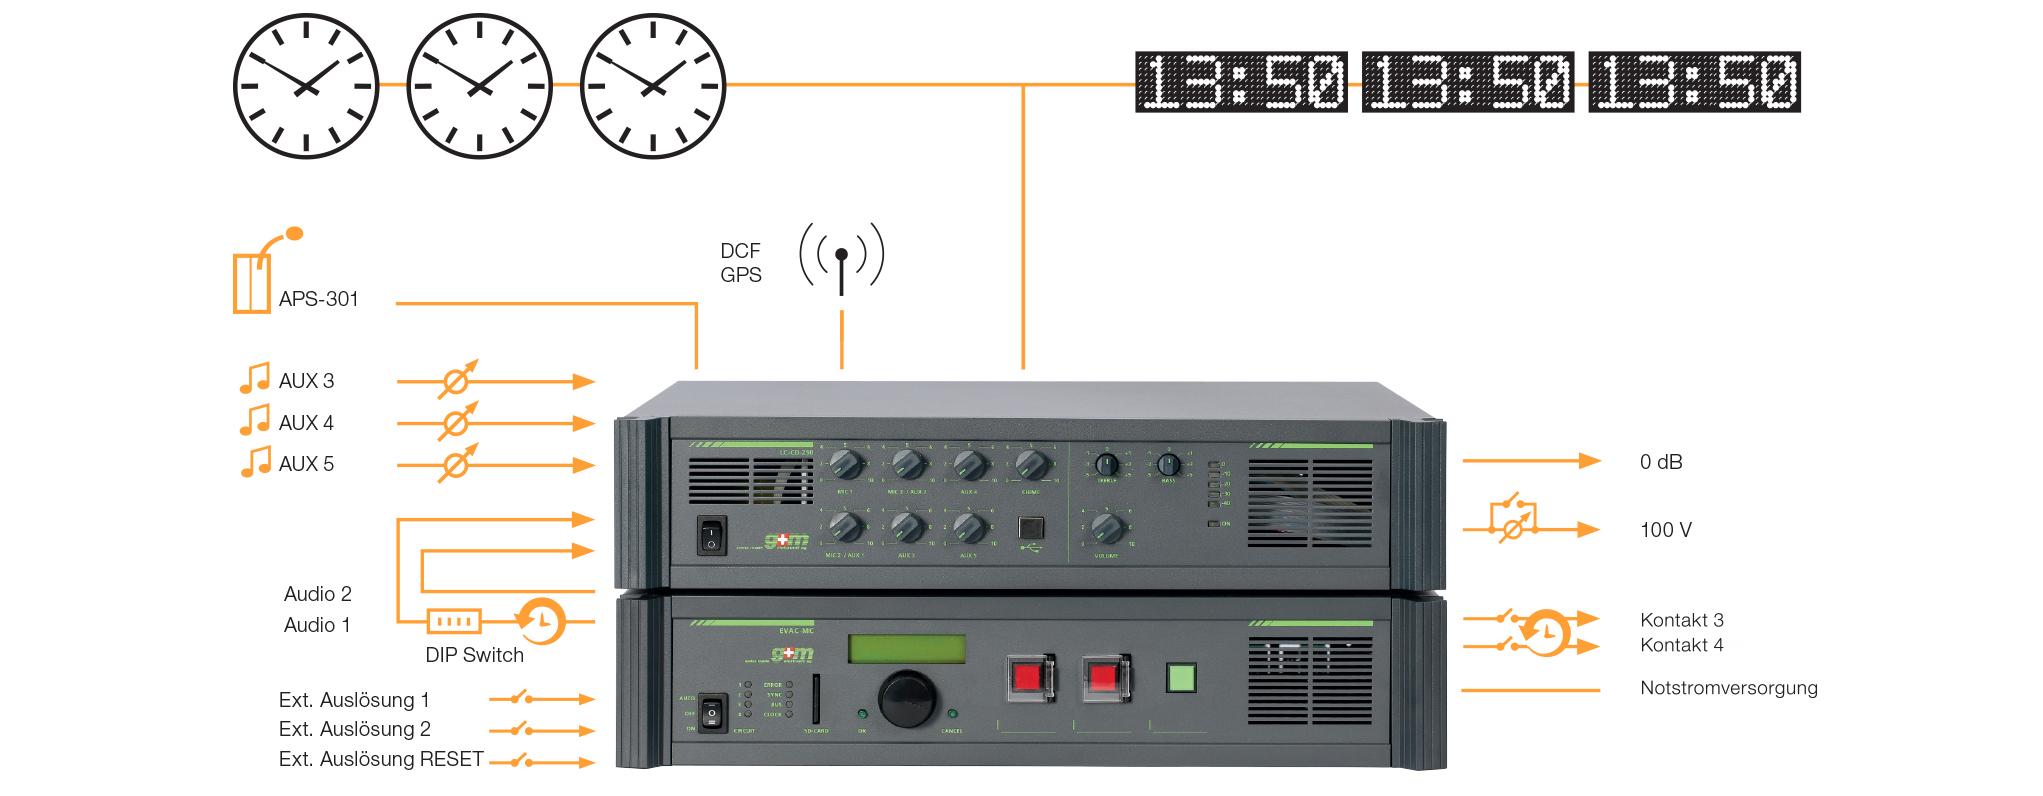 DWK_Compact-S